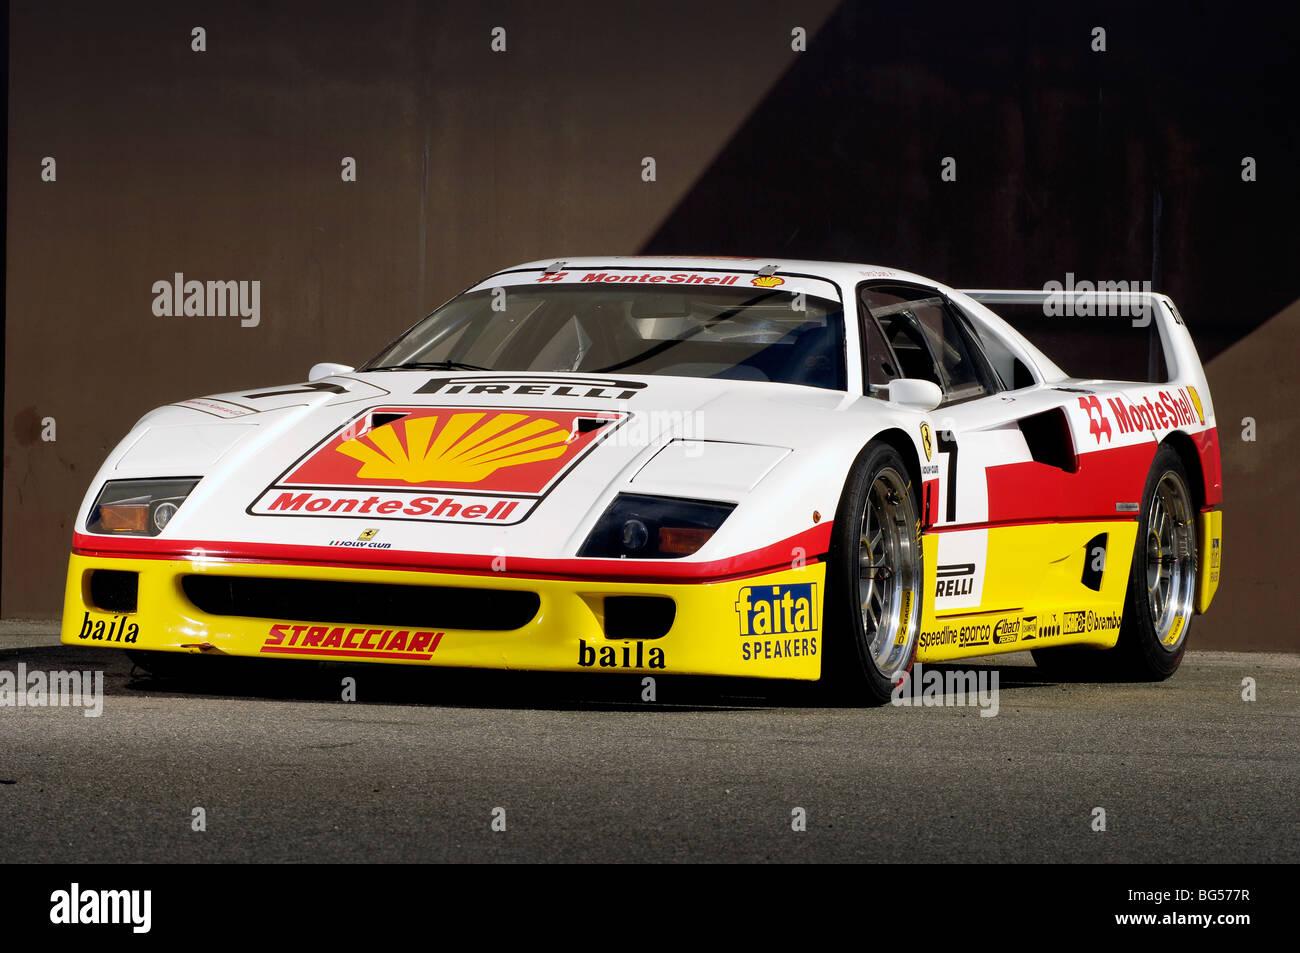 1993 Ferrari F40 Competizione Monteshell Racing Car Stock